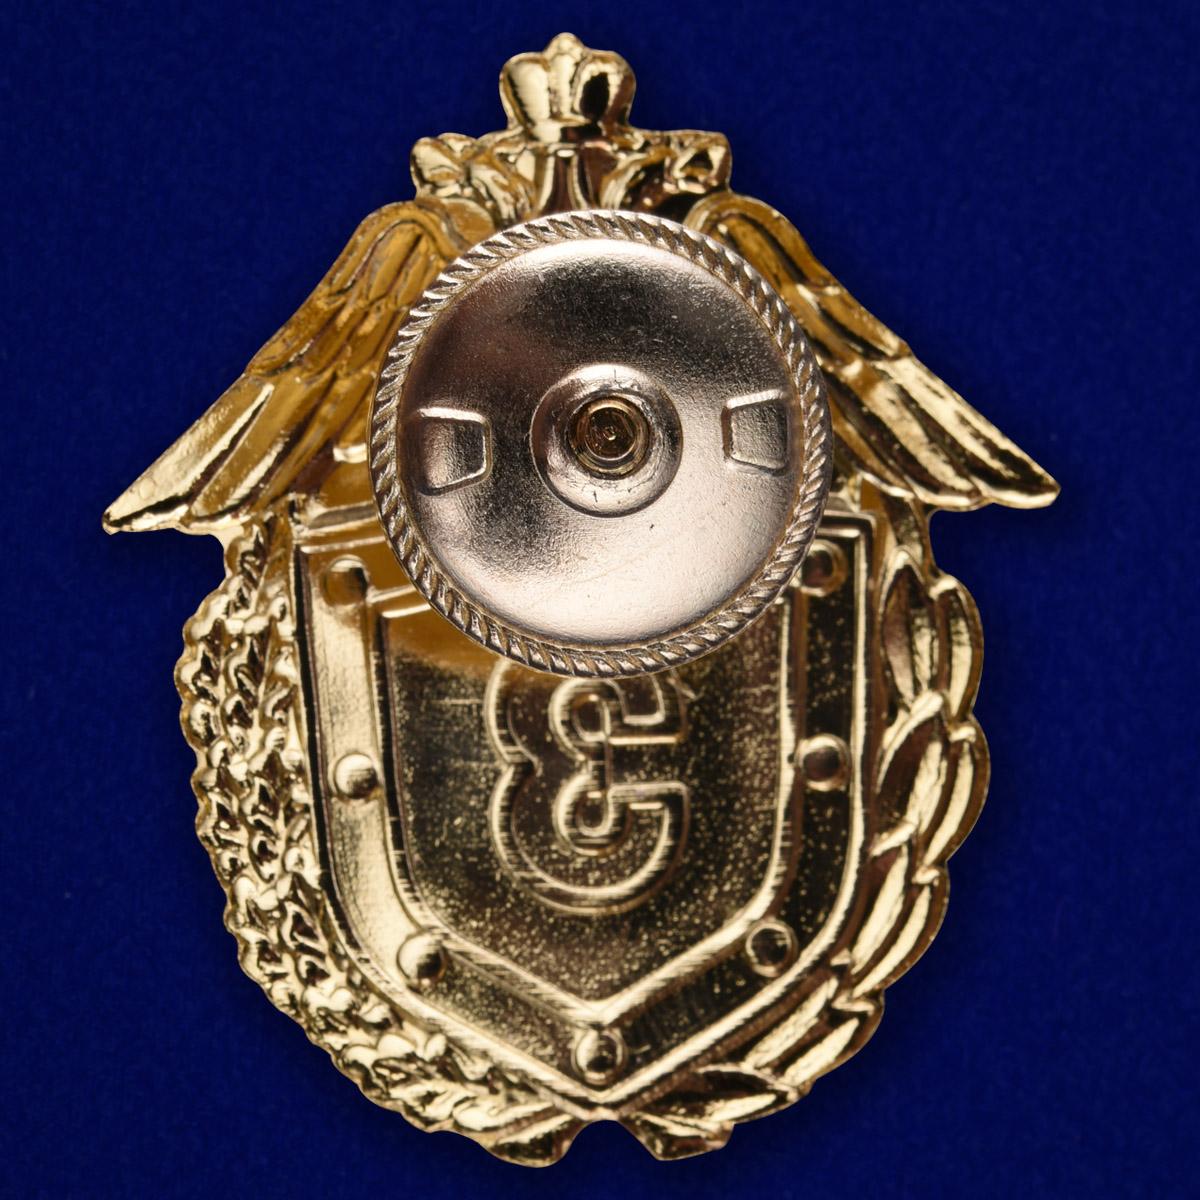 Знак ФПС РФ Классный специалист 3 класс в бархатном футляре - Реверс